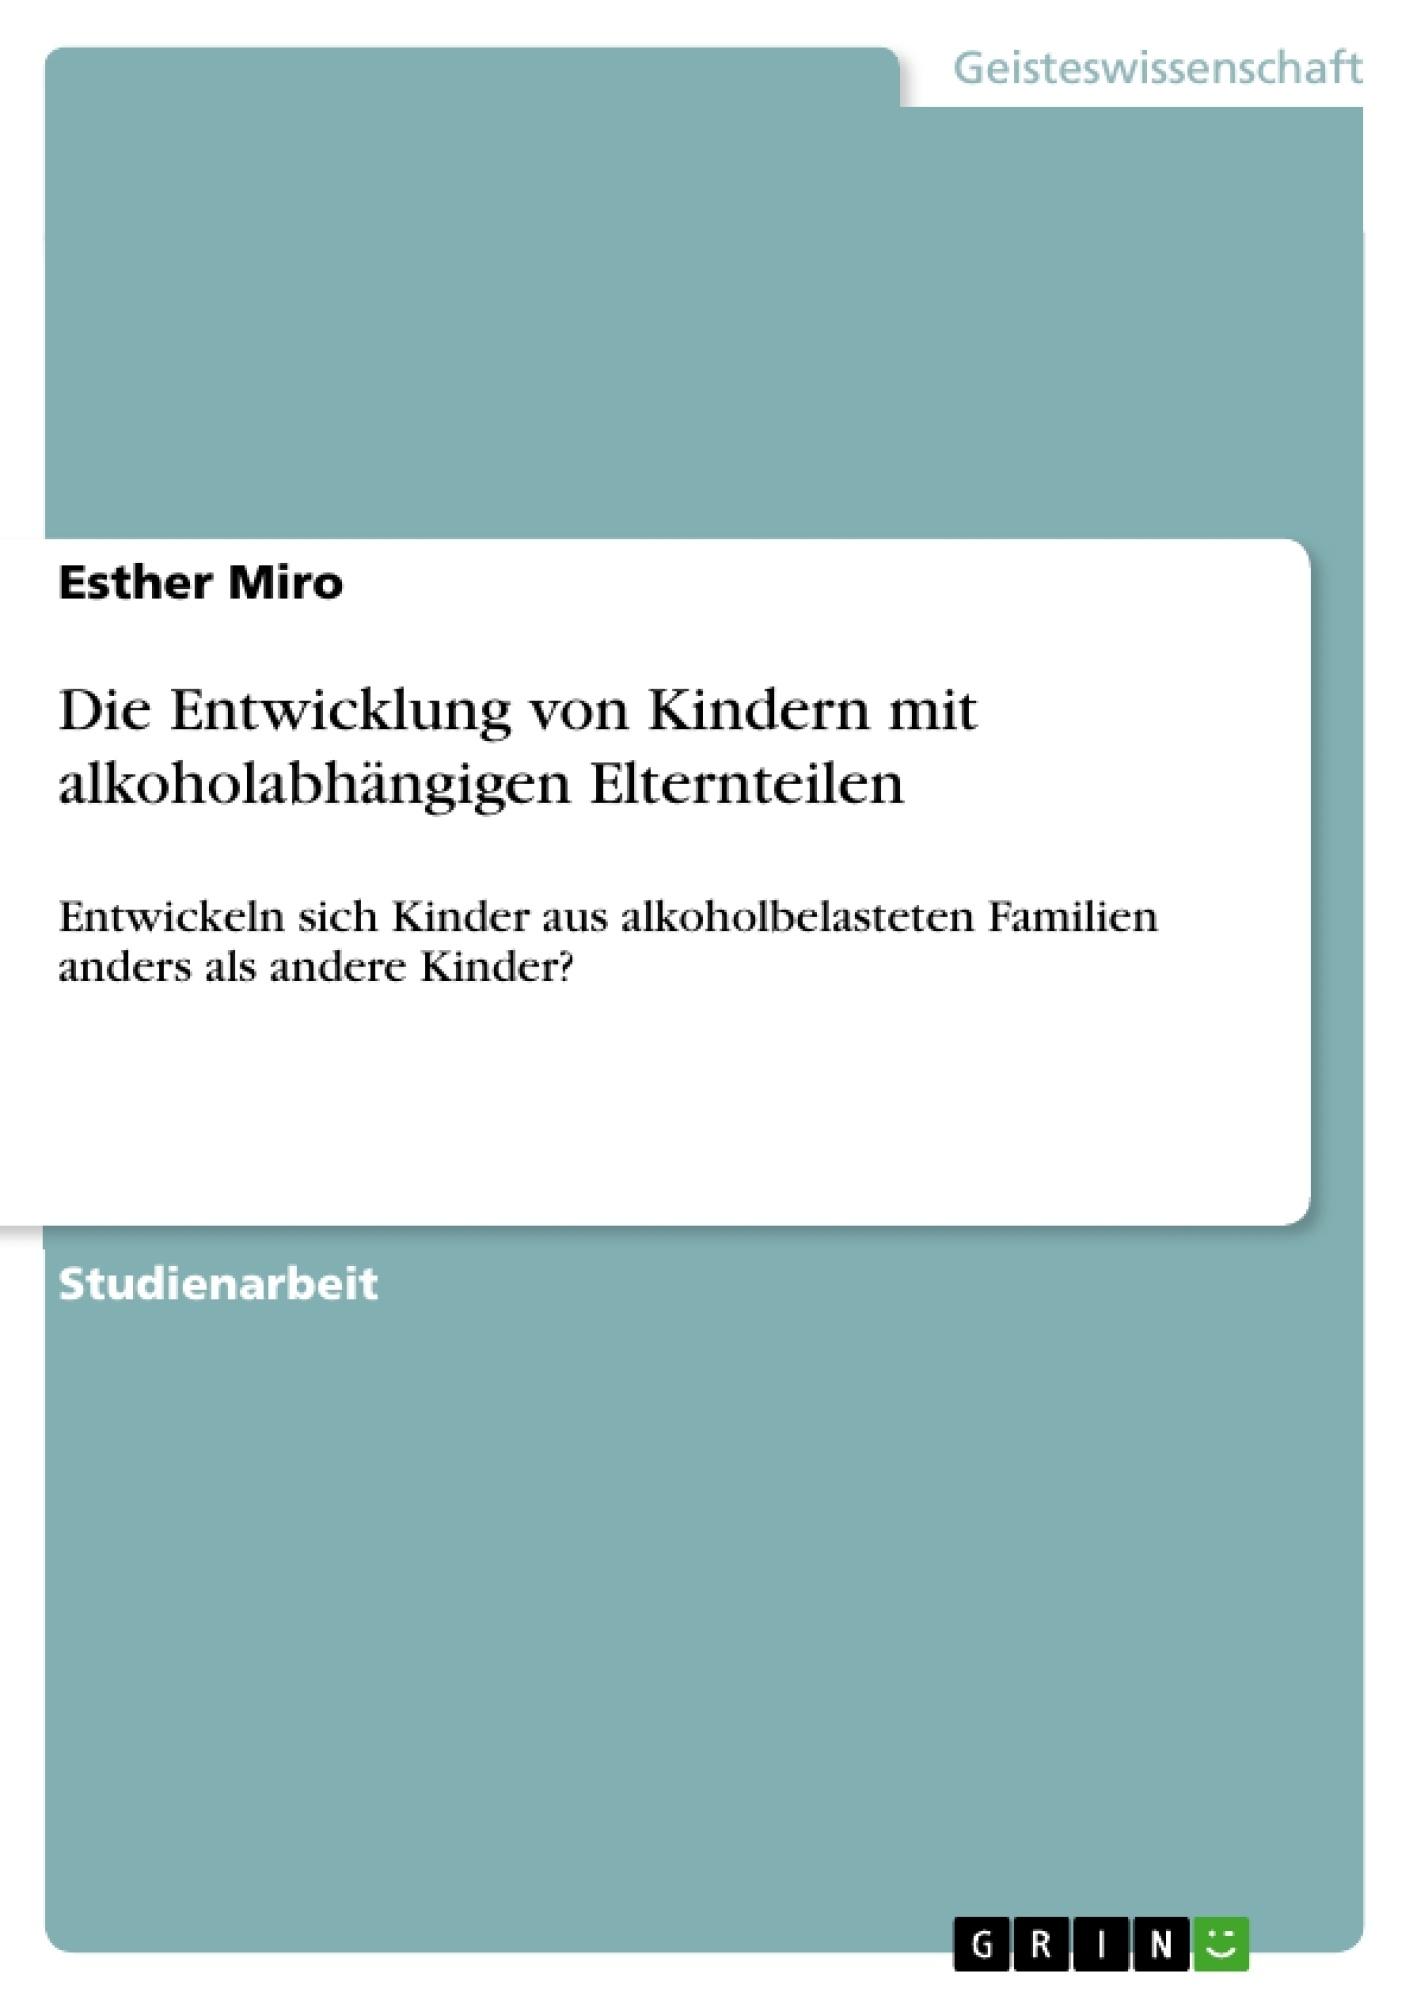 Titel: Die Entwicklung von Kindern mit alkoholabhängigen Elternteilen